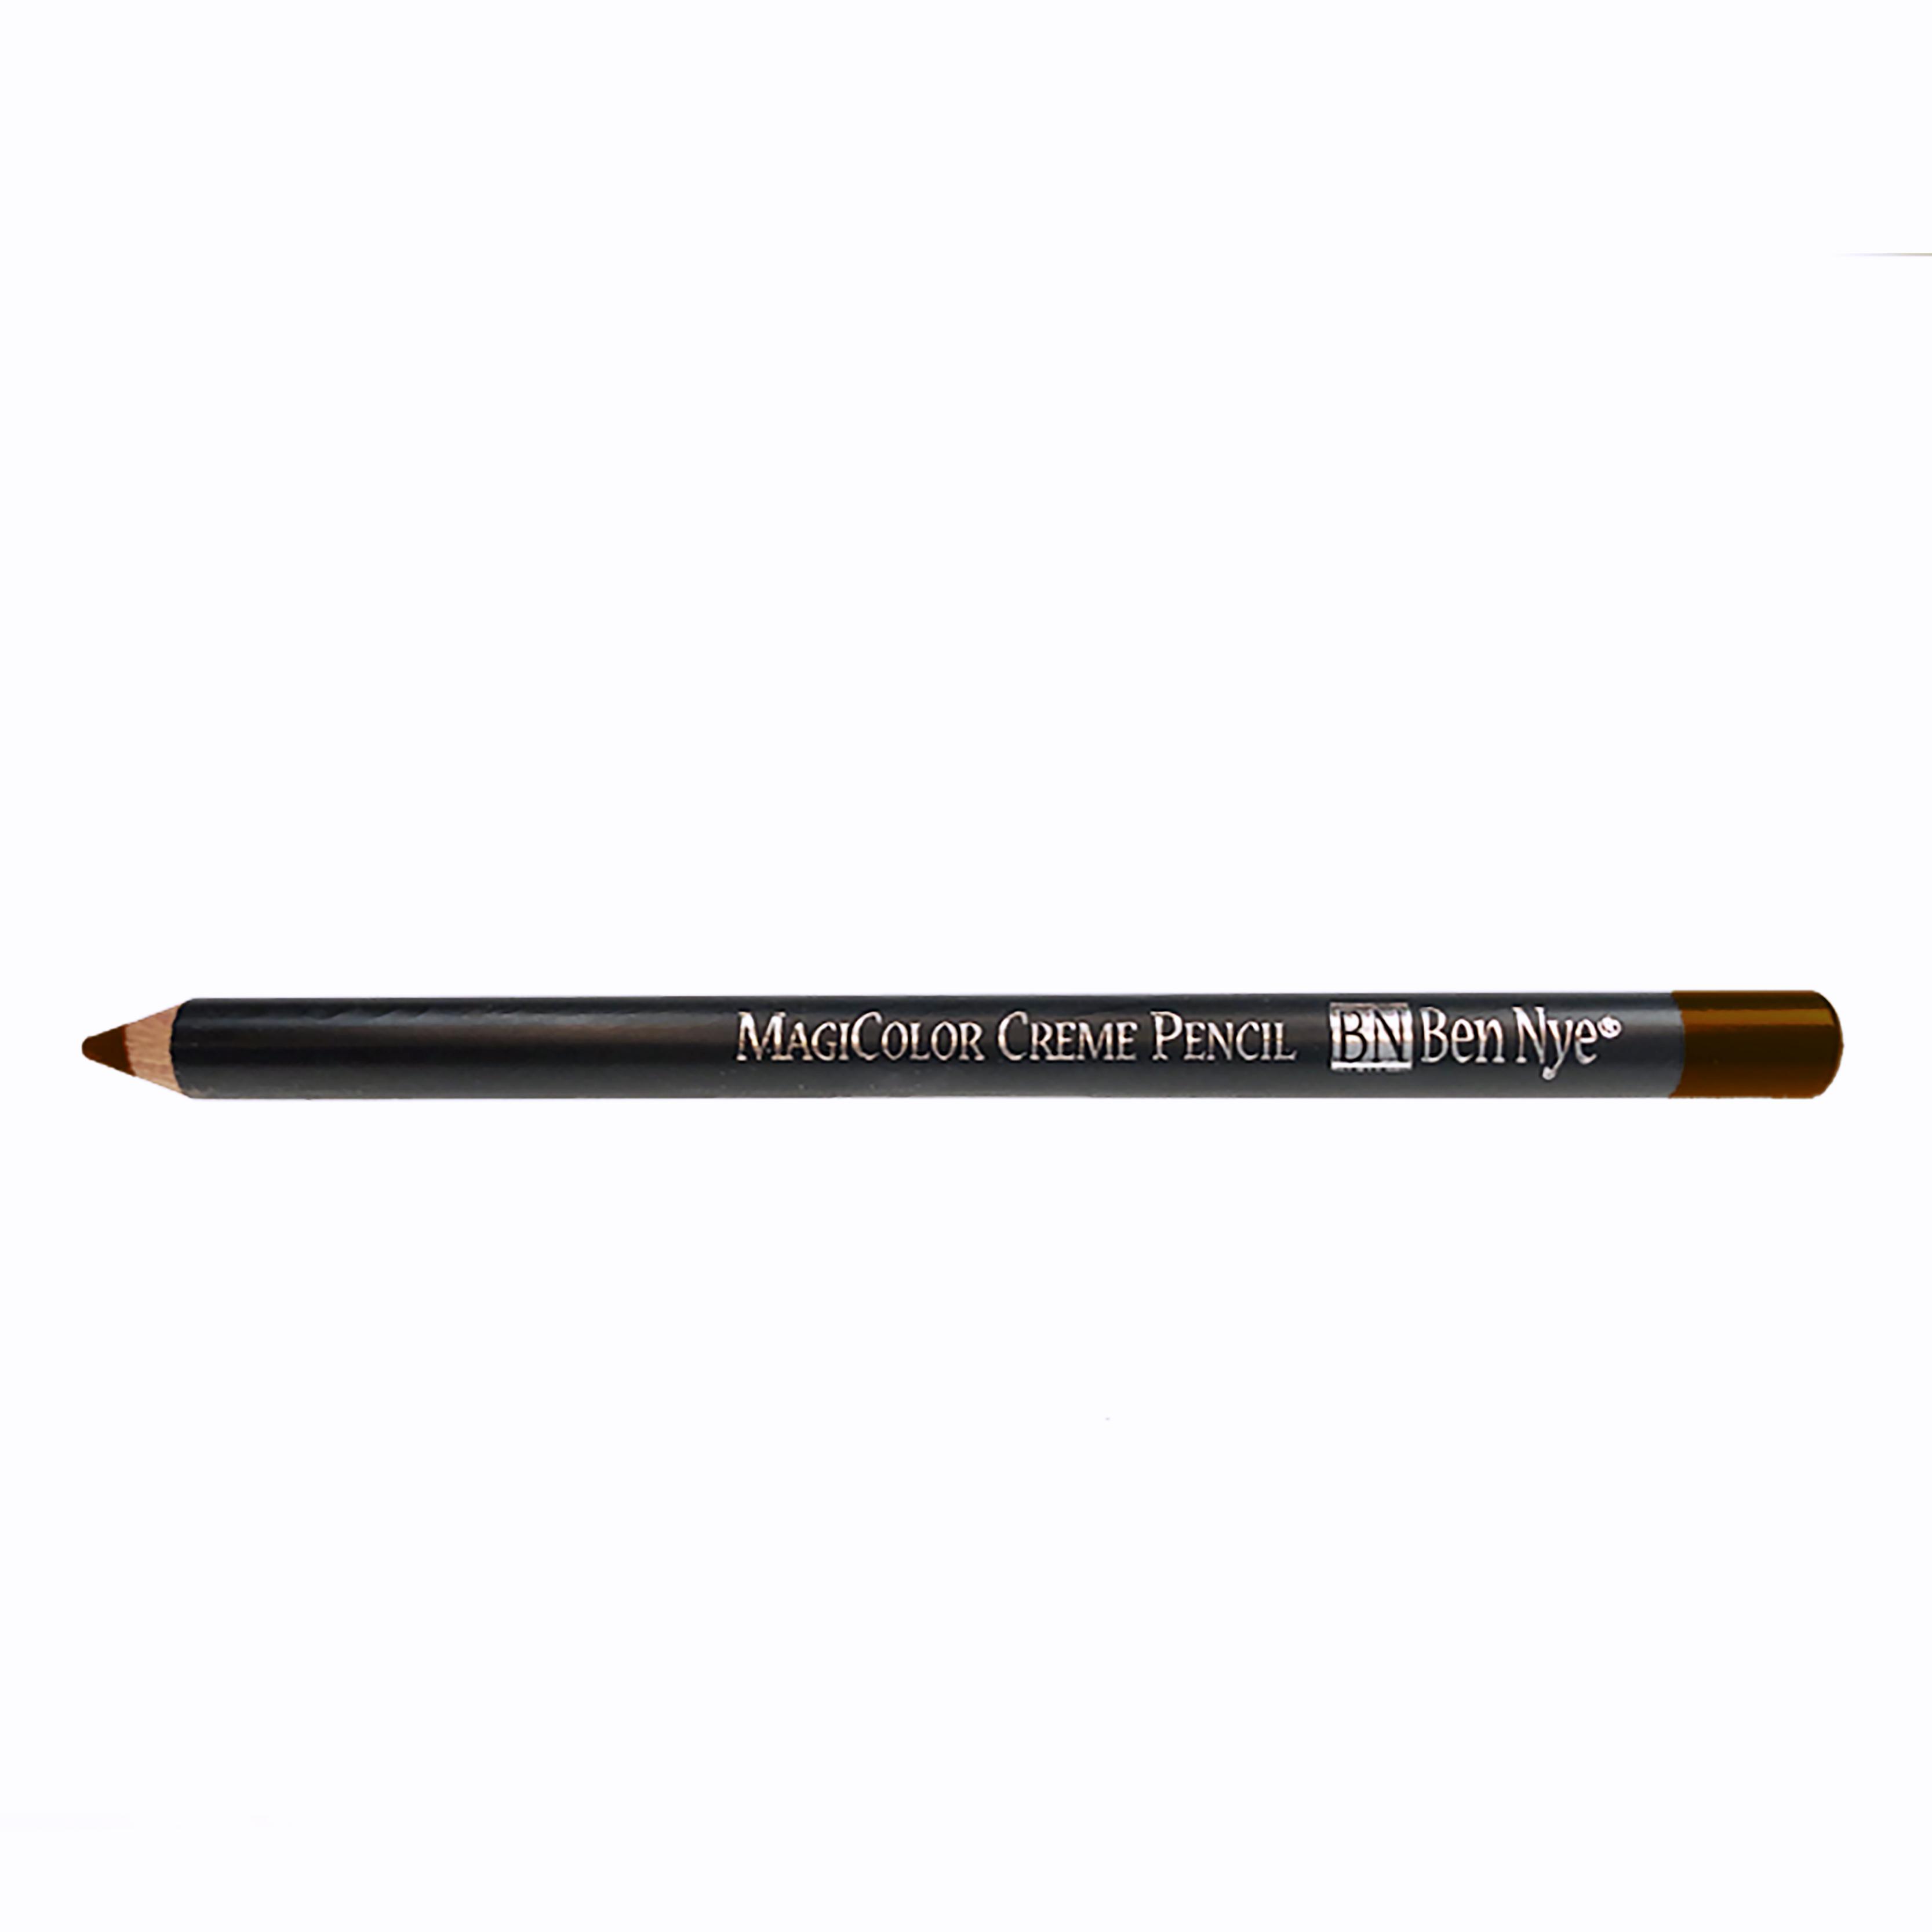 Magicolor Creme Pencils - Warm brown